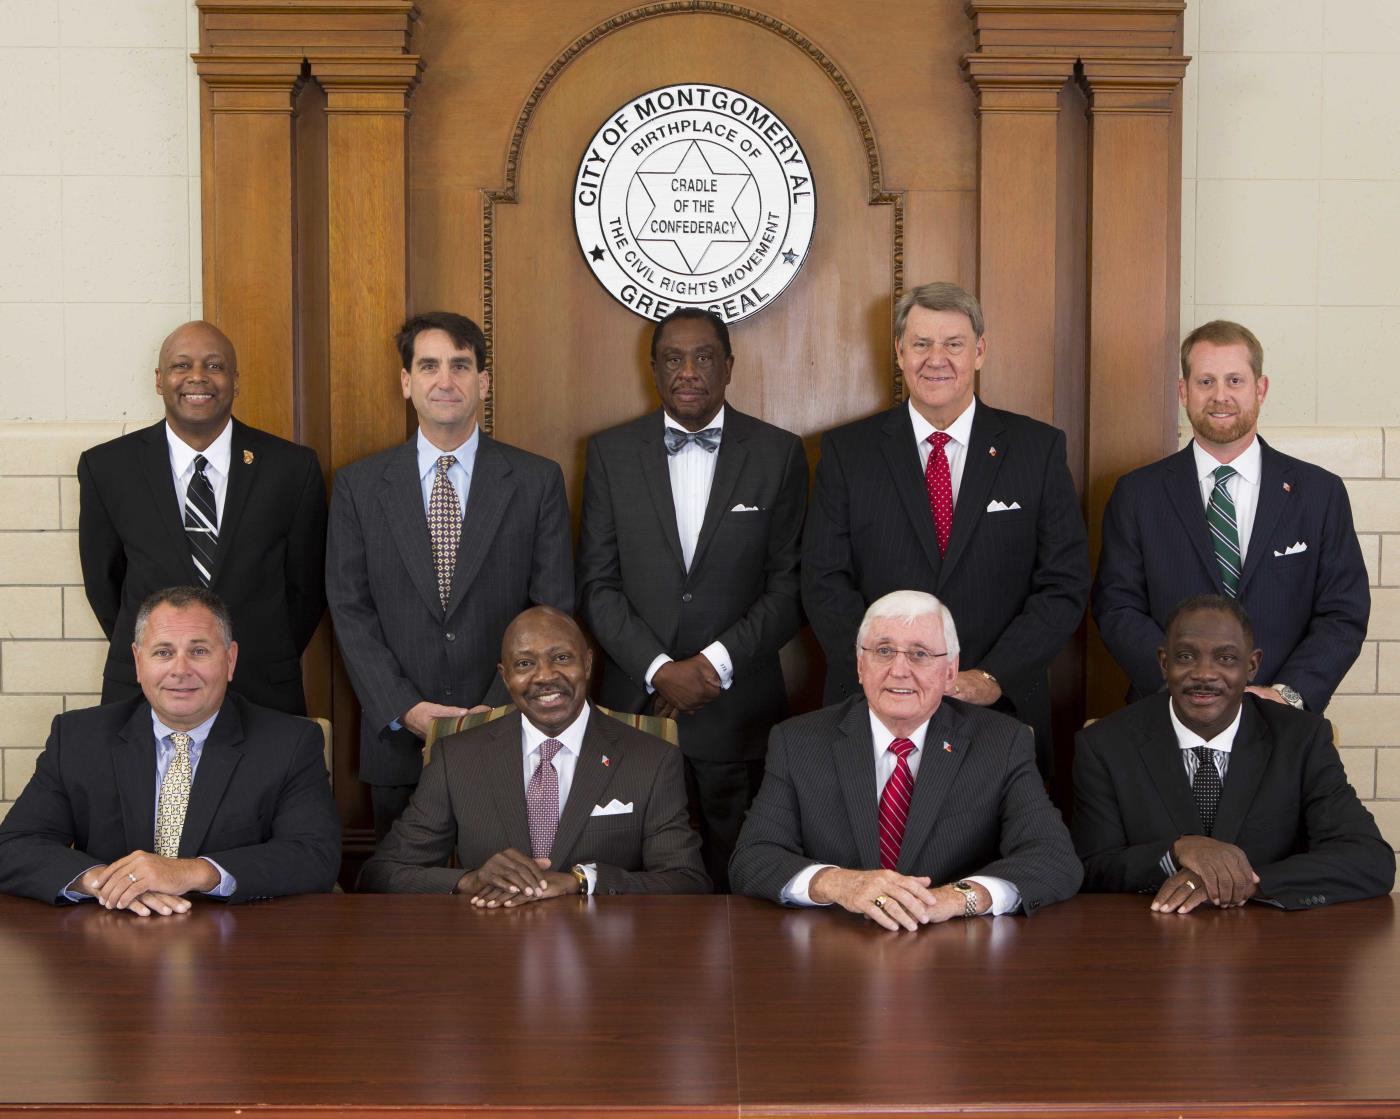 City Council 2017